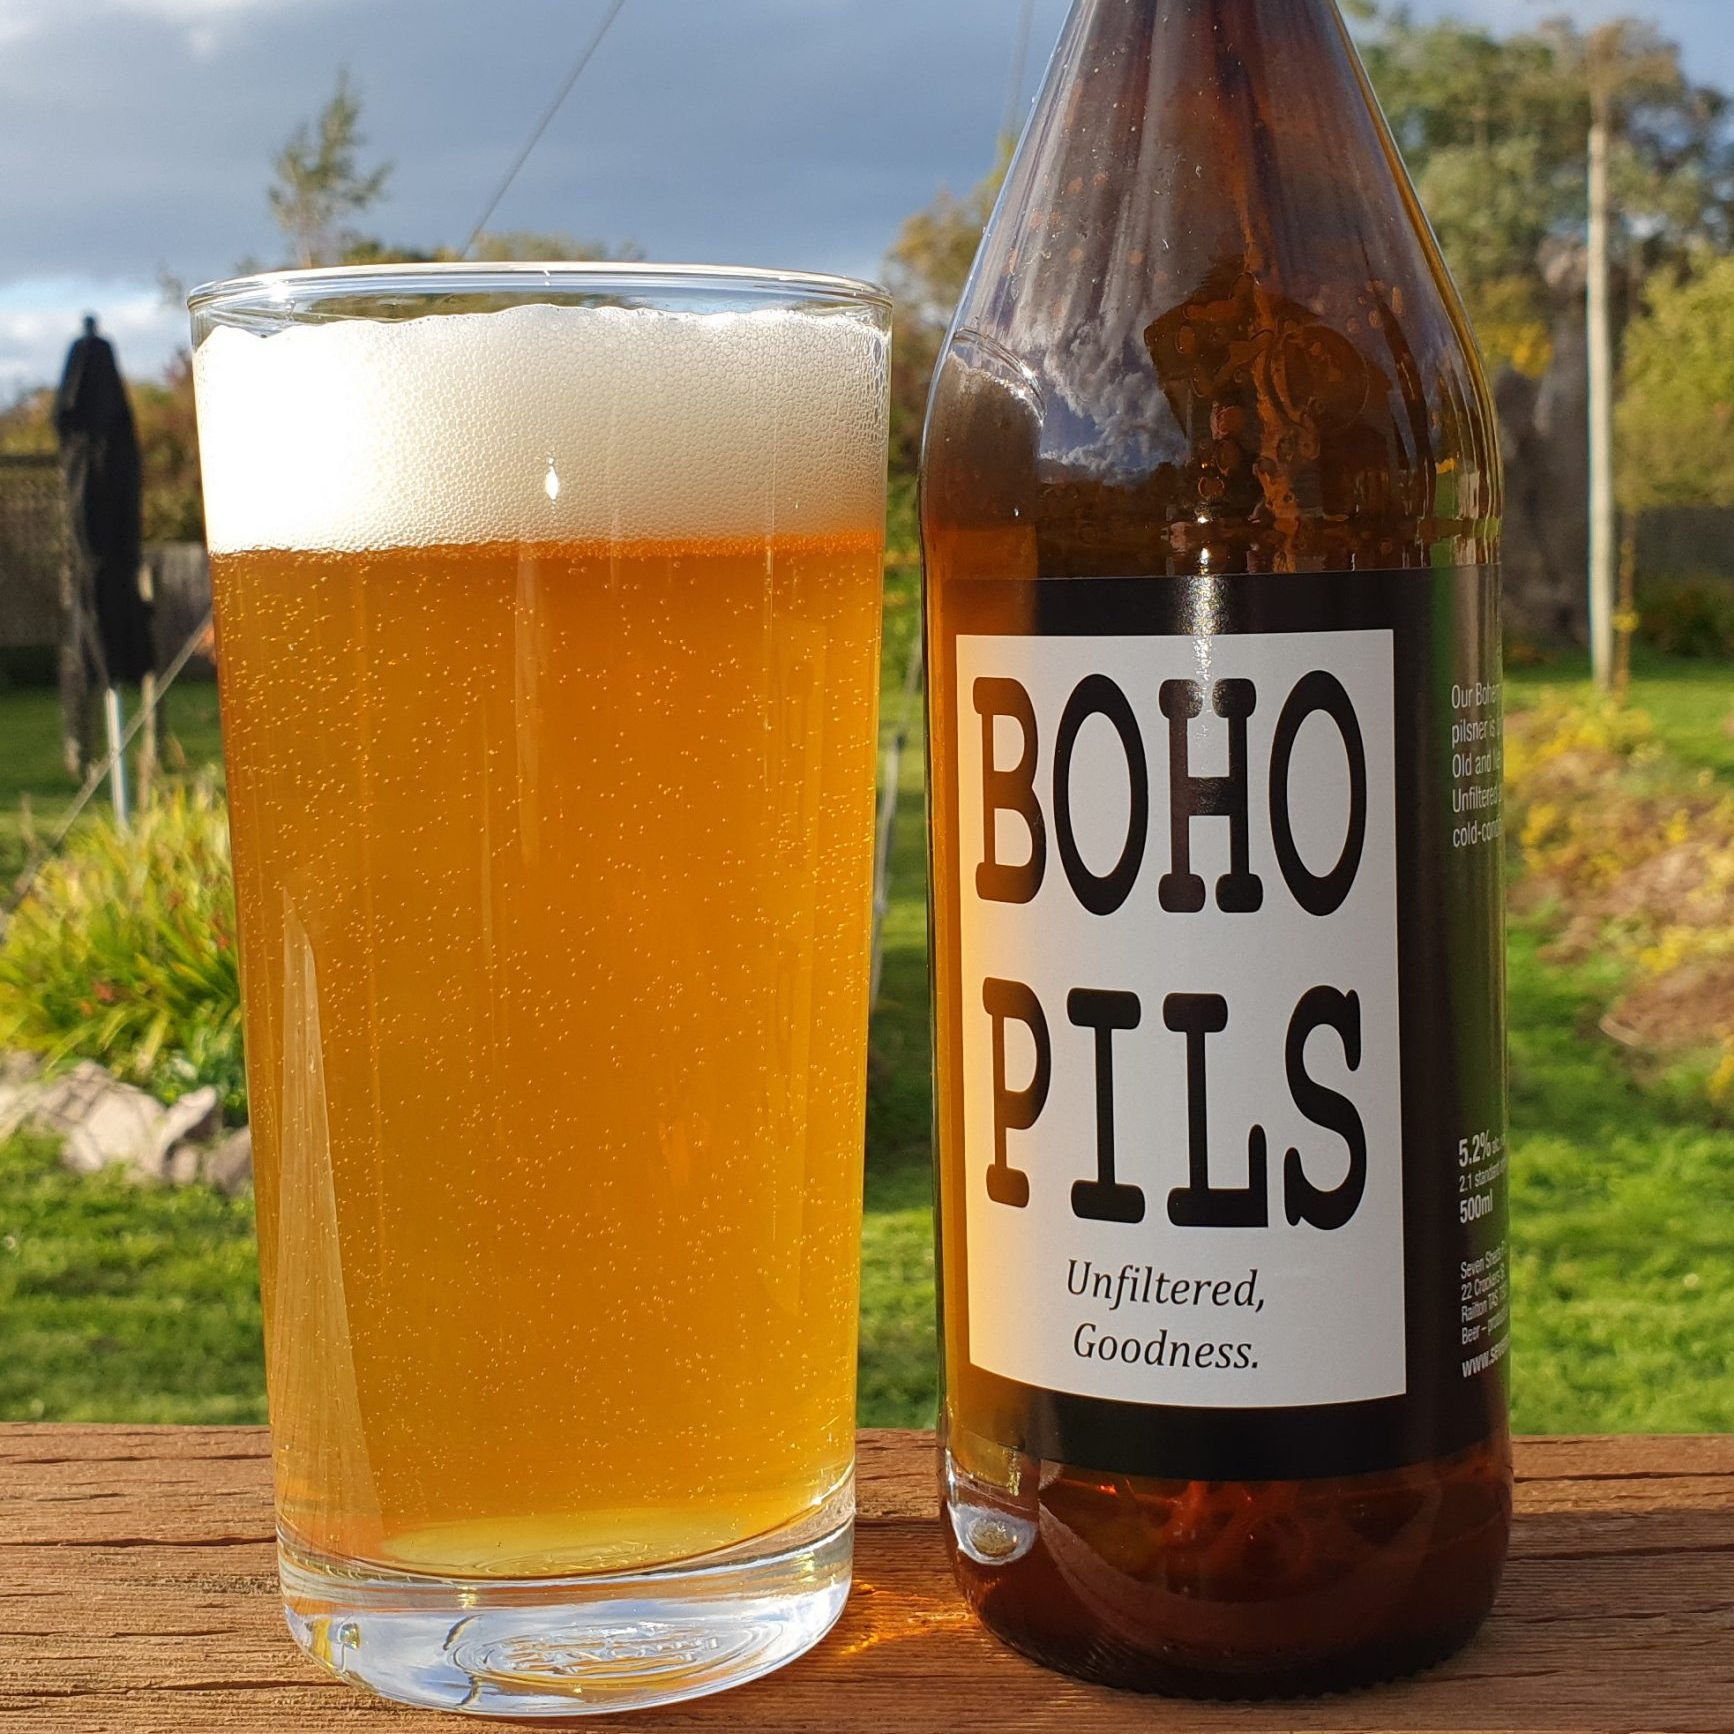 Seven Sheds Brewery BoHo Pils Pilsner product shot